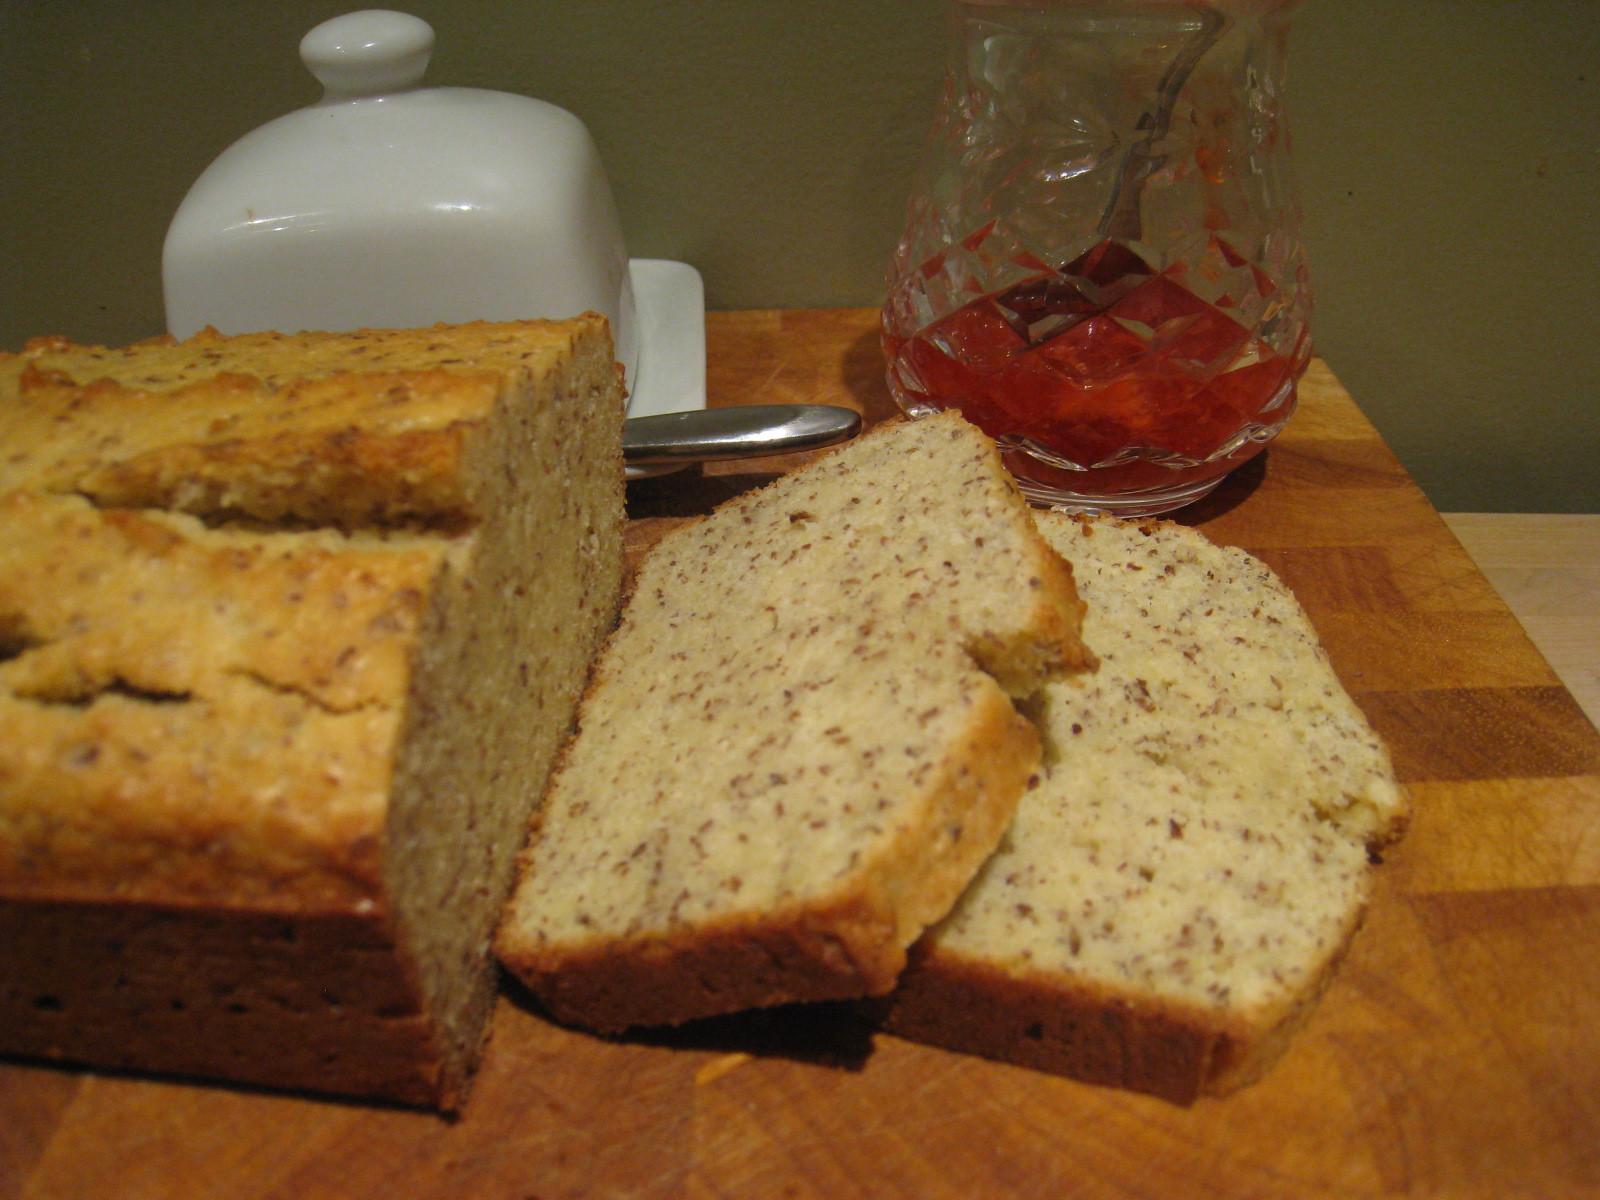 Paleo Bread Recipes  Paleo Bread Recipes Free Recipes for Making Amazing